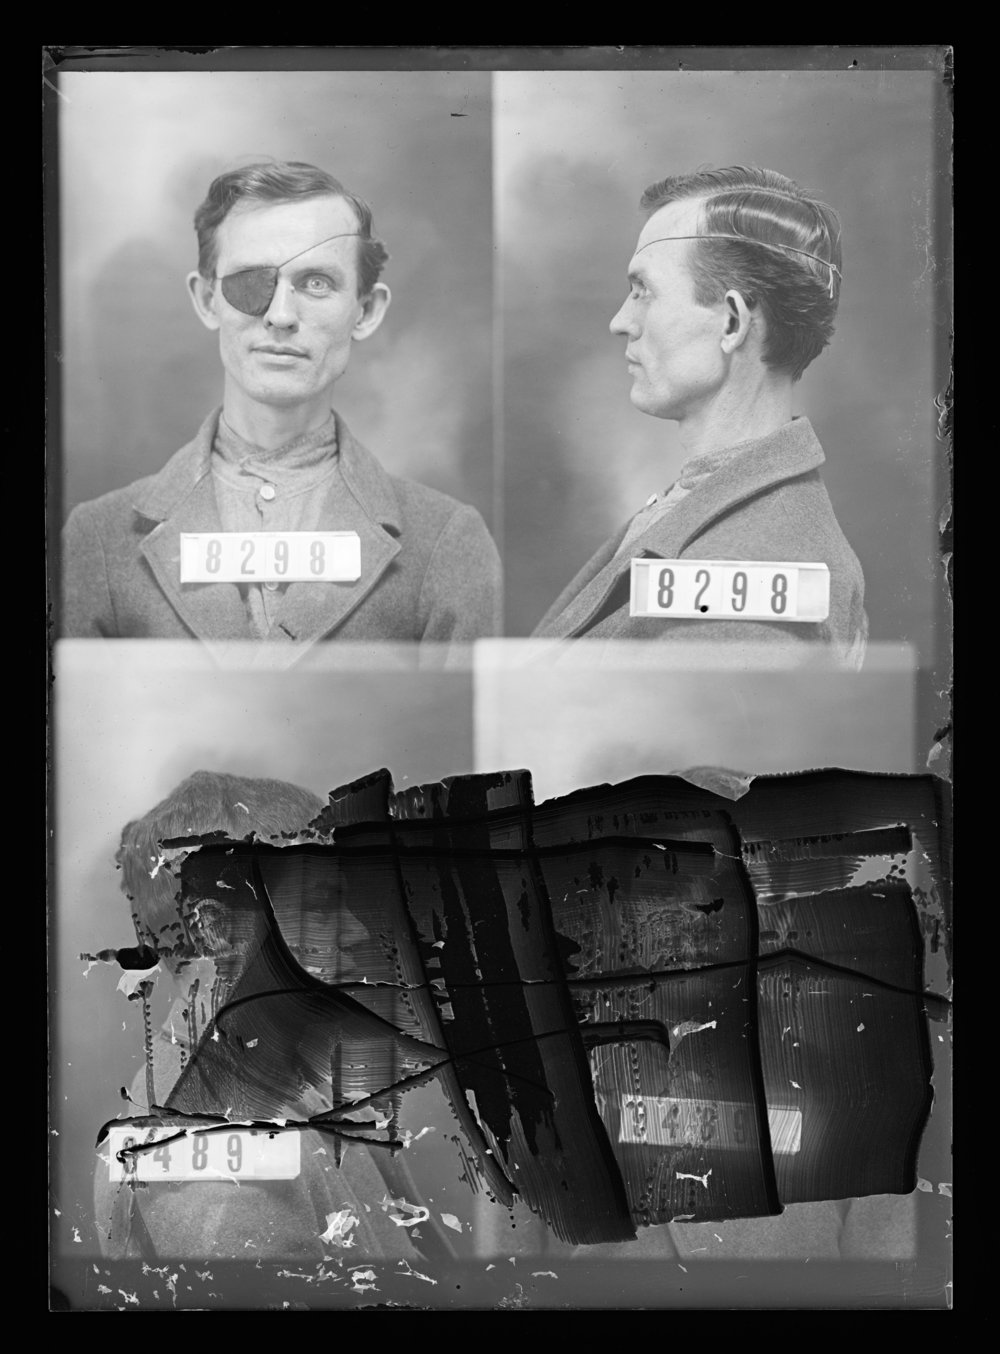 E. E. Fuller, prisoner 8298 and unknown prisoner 9489, Kansas State Penitentiary